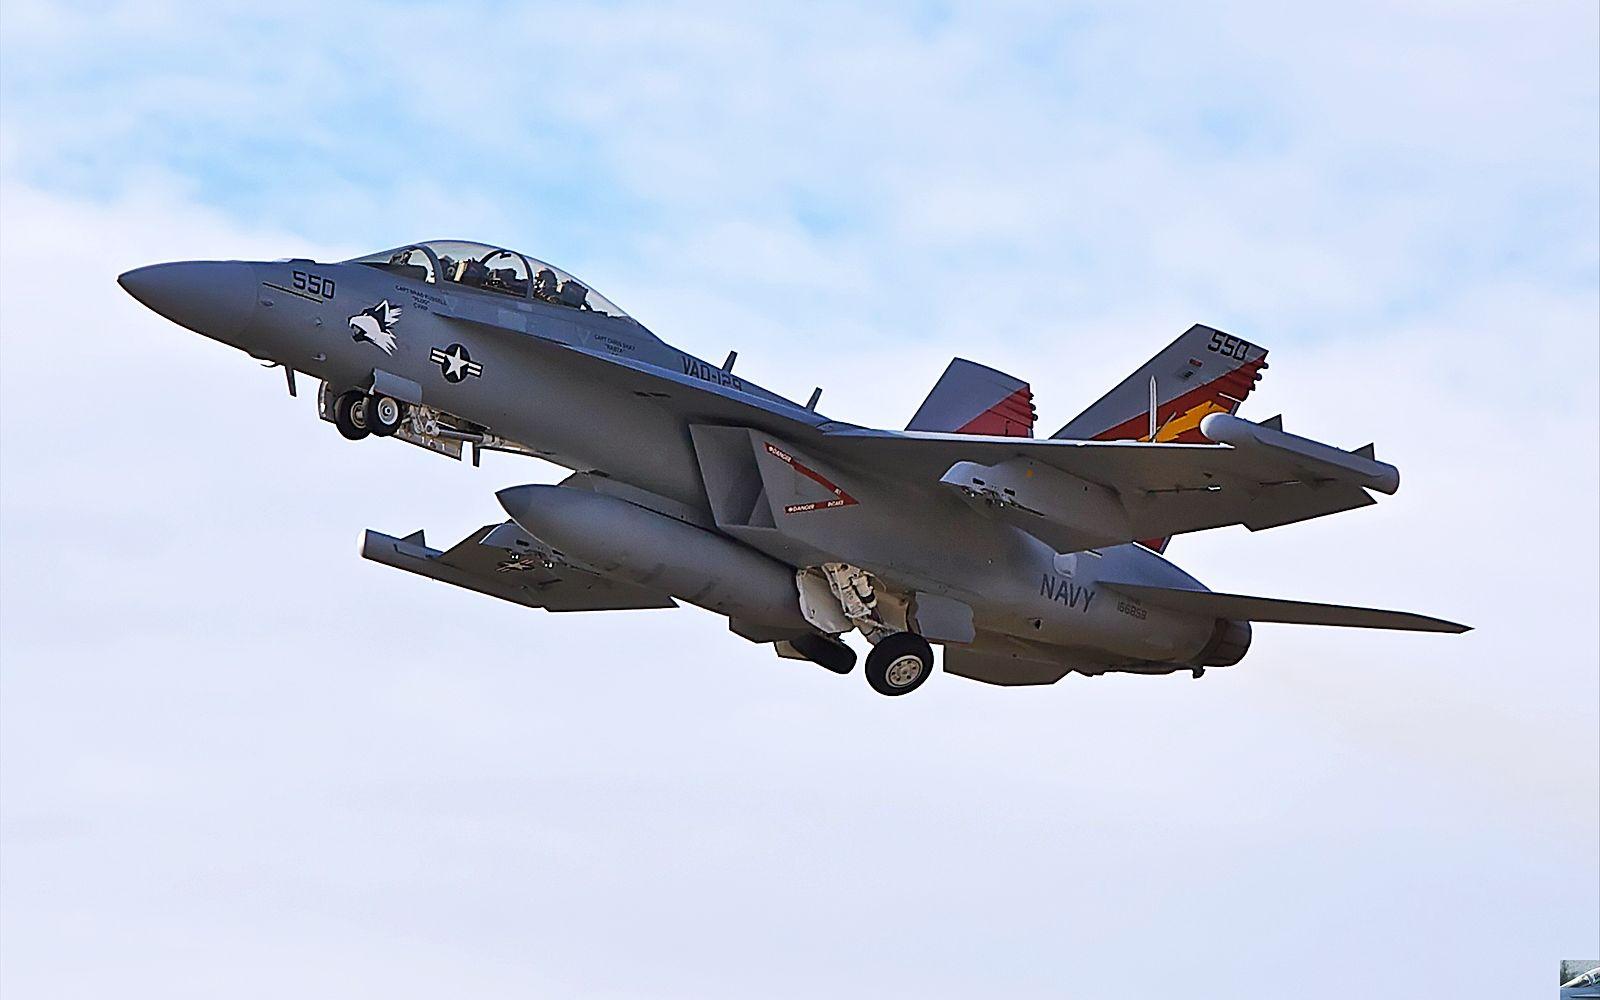 ea-18g-growler